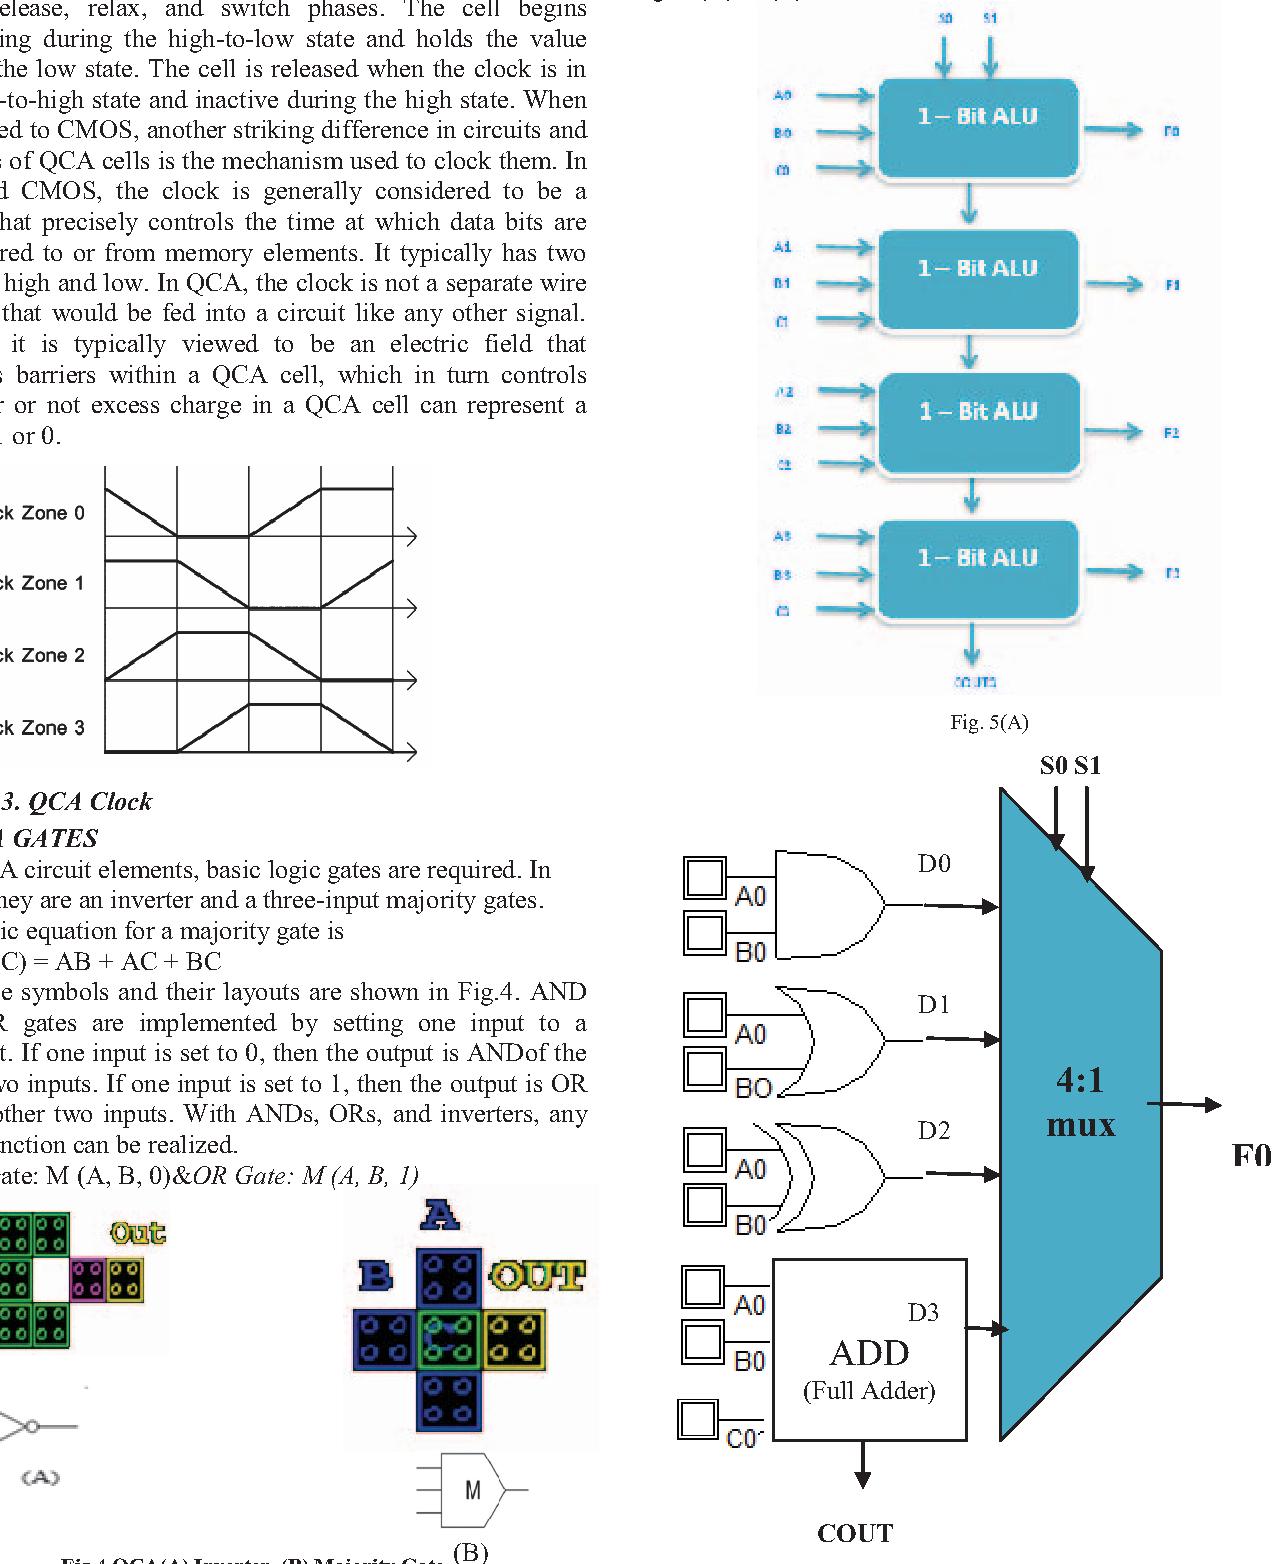 Design And Implementation Of 4 Bit Arithmetic Logic Unit Using Alu Diagram Quantum Dot Cellular Automata Semantic Scholar